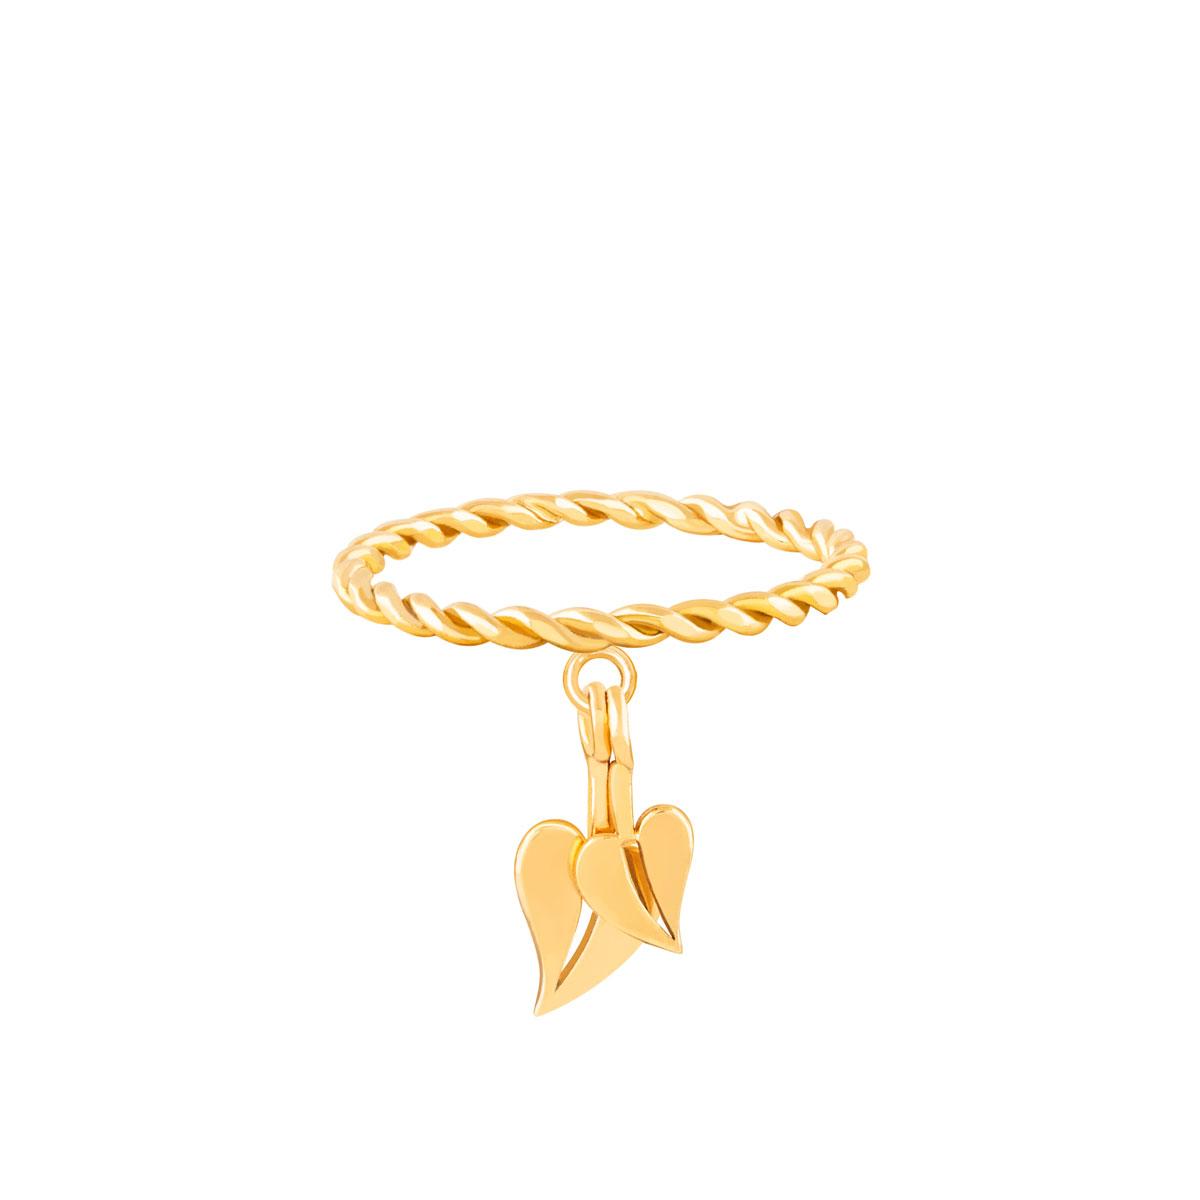 انگشتر طلا برگ فیلوم (صلح) ایشتار